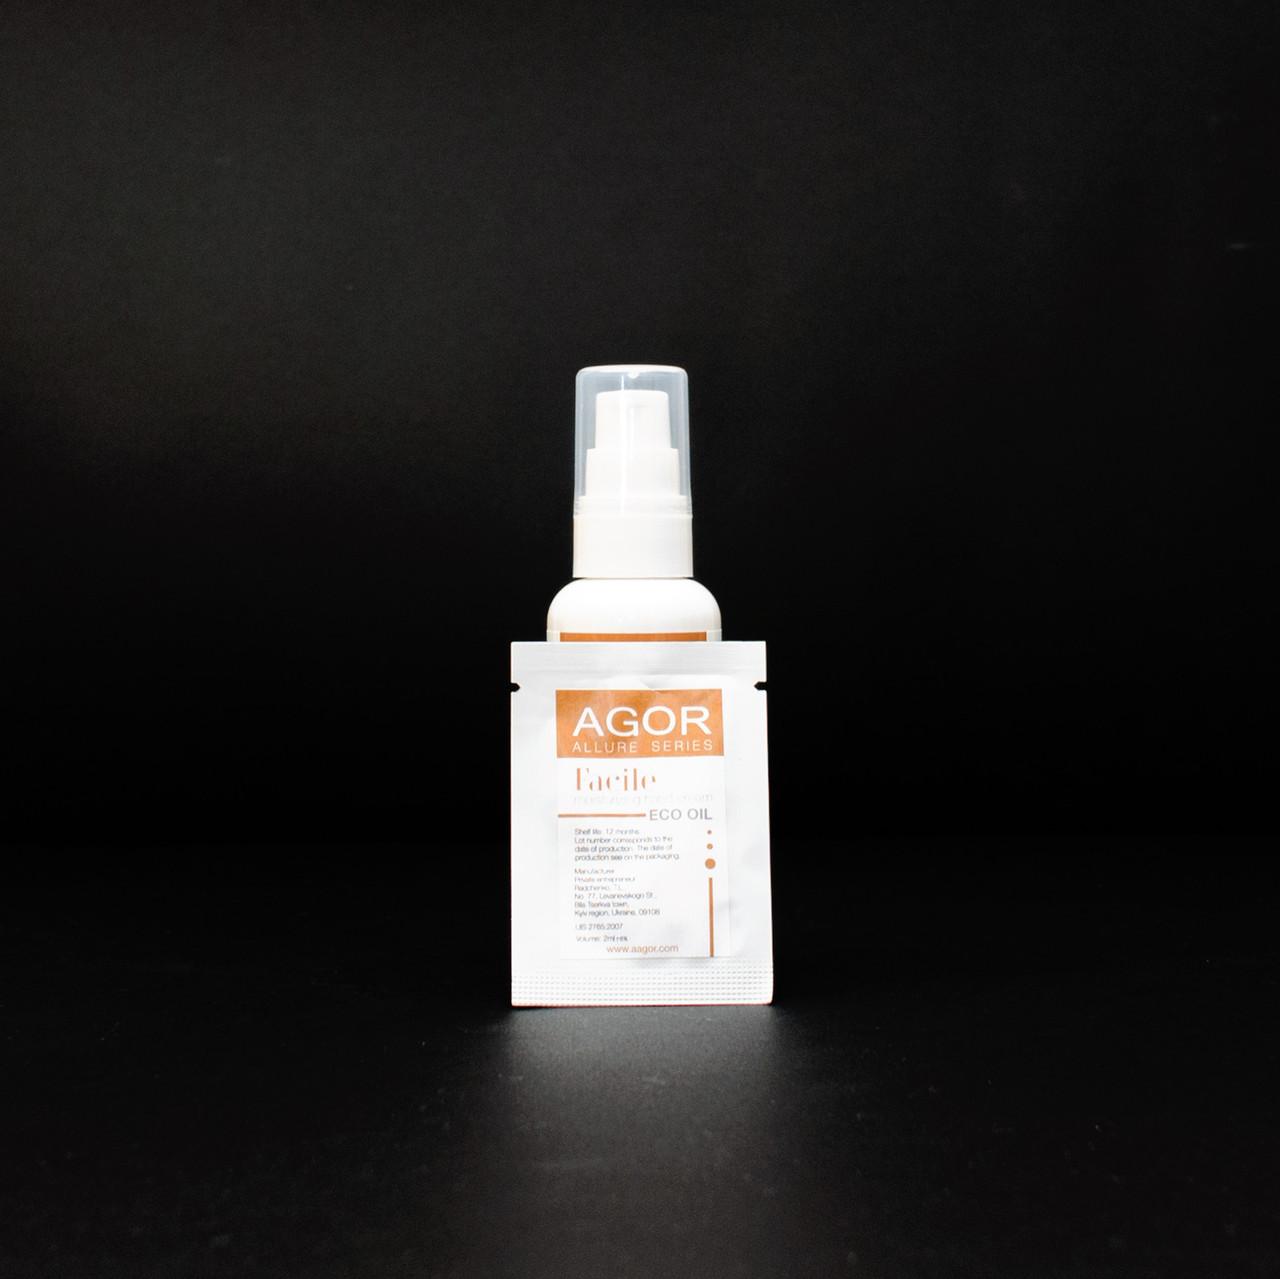 Натуральный увлажняющий крем для рук премиум-качества FACILE - пробник